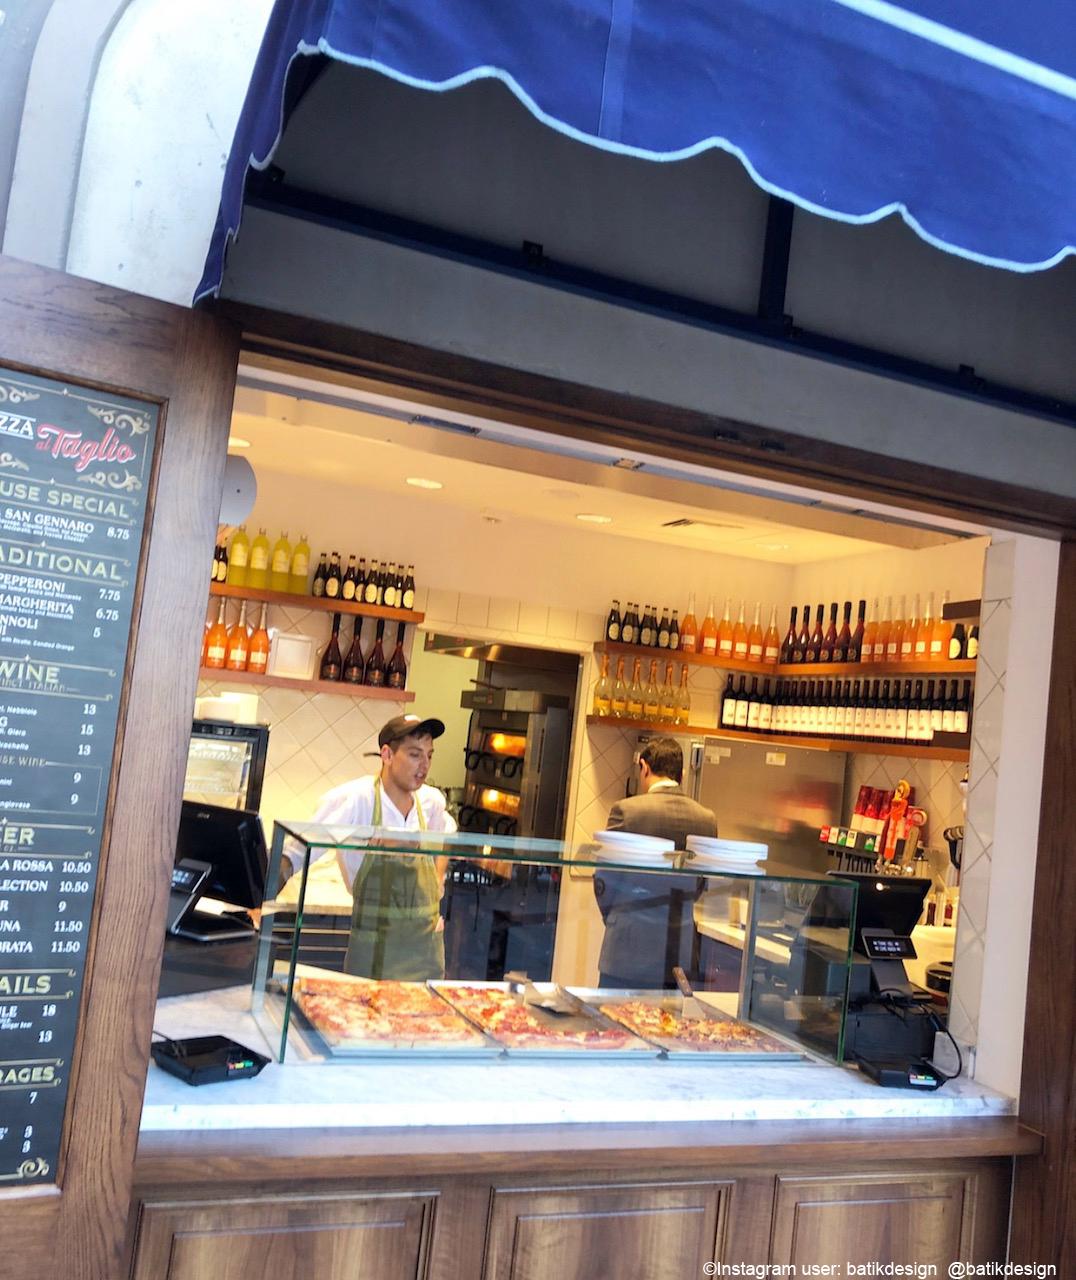 Pizza Al Taglio Counter-Service Window Now Open In Epcot's